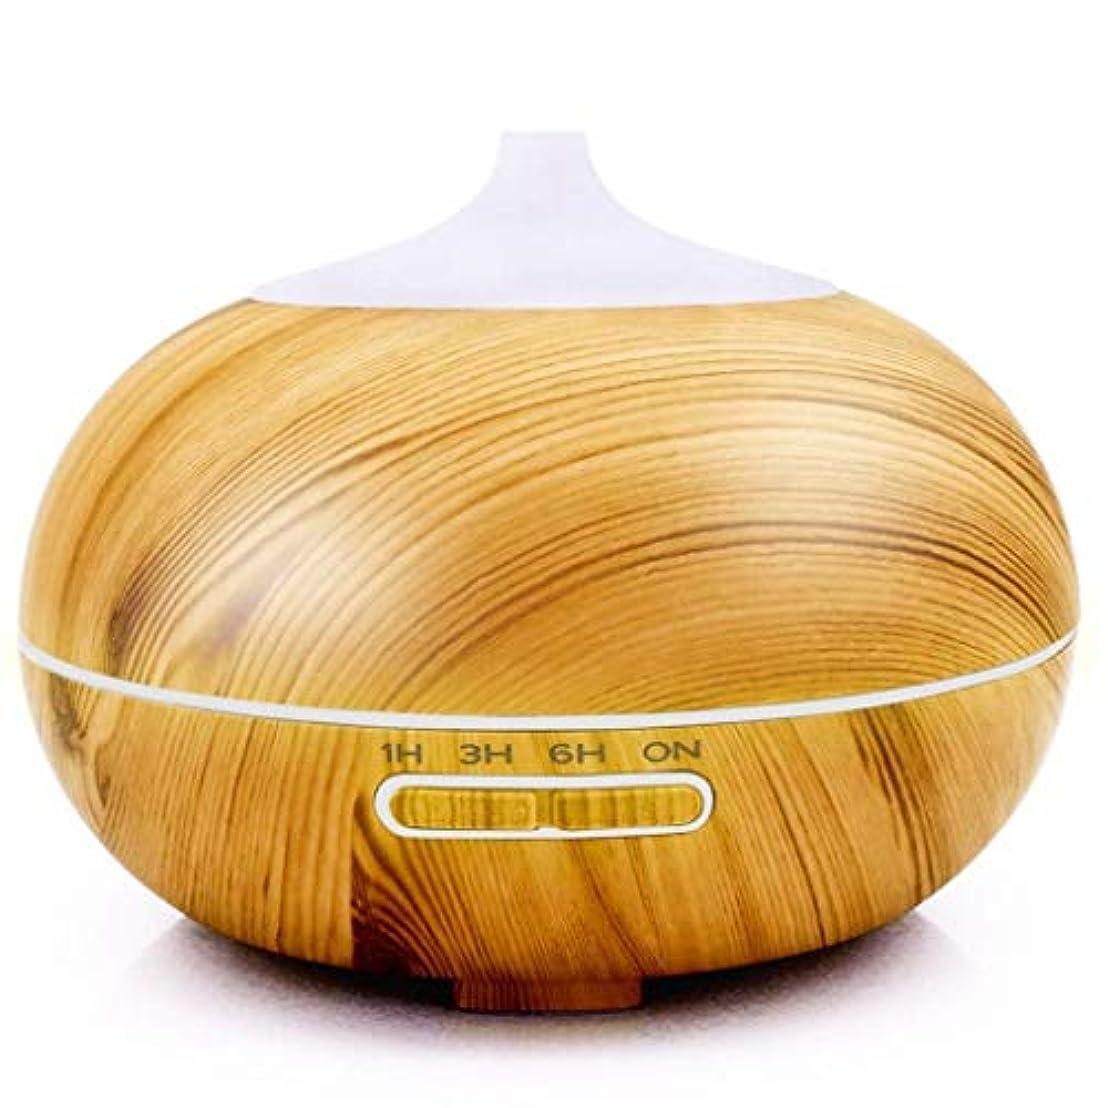 豊富炭水化物昇る300ミリリットルエッセンシャルオイルディフューザーアロマディフューザー木材穀物アロマディフューザーで7色ledライトウォーターレス自動シャットオフ用ホームオフィスヨガ (Color : Light Wood Grain)